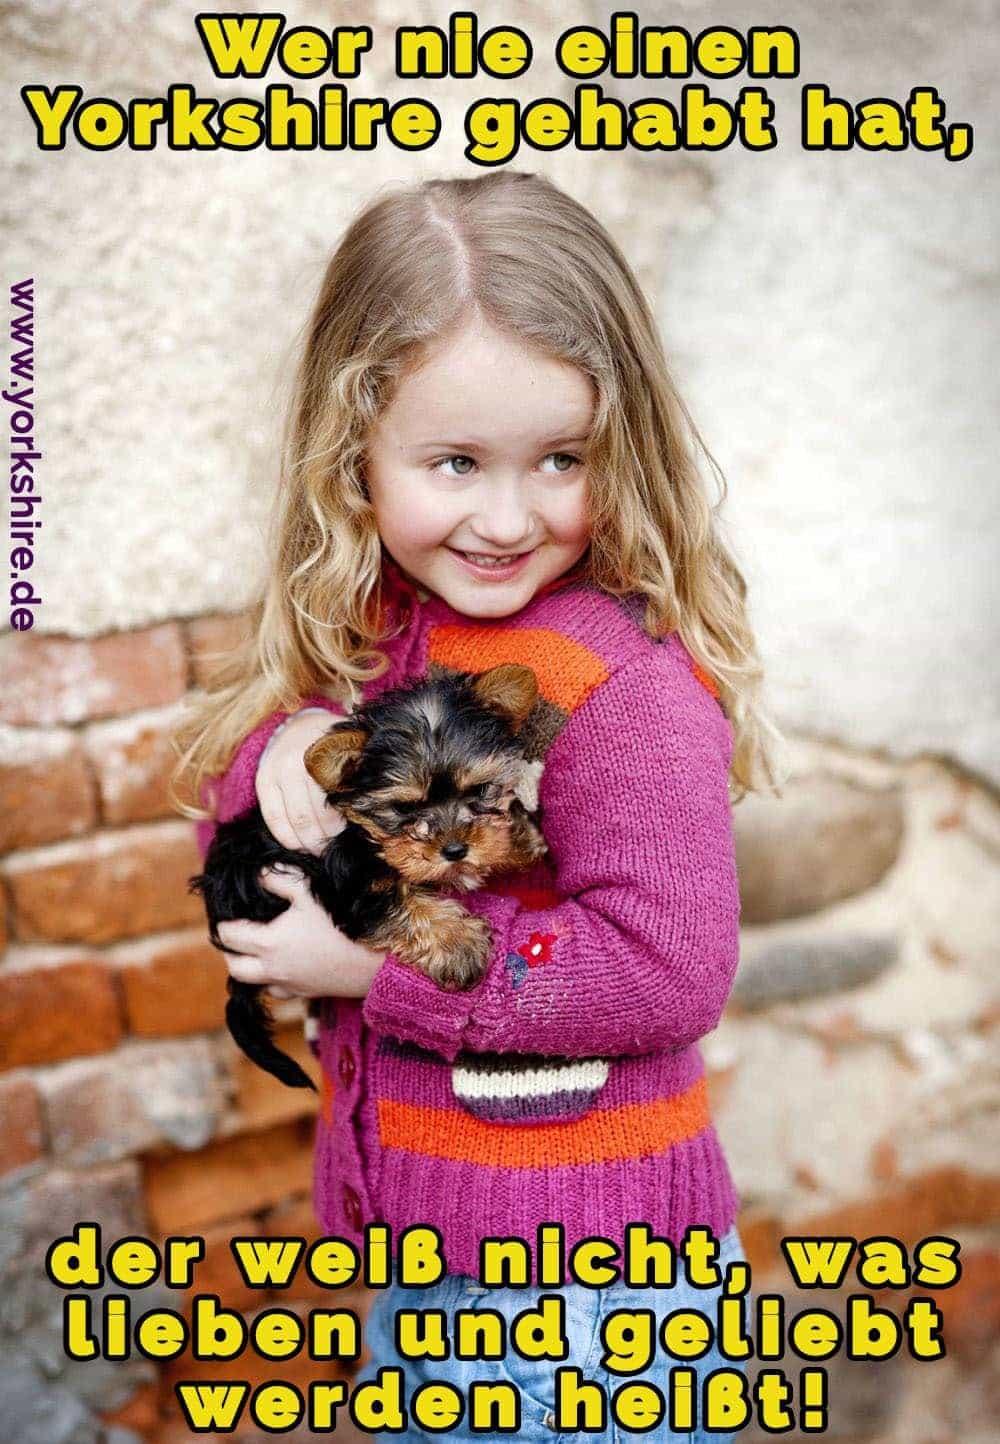 Das Mädchen hält ihr Yorkshire Terrier